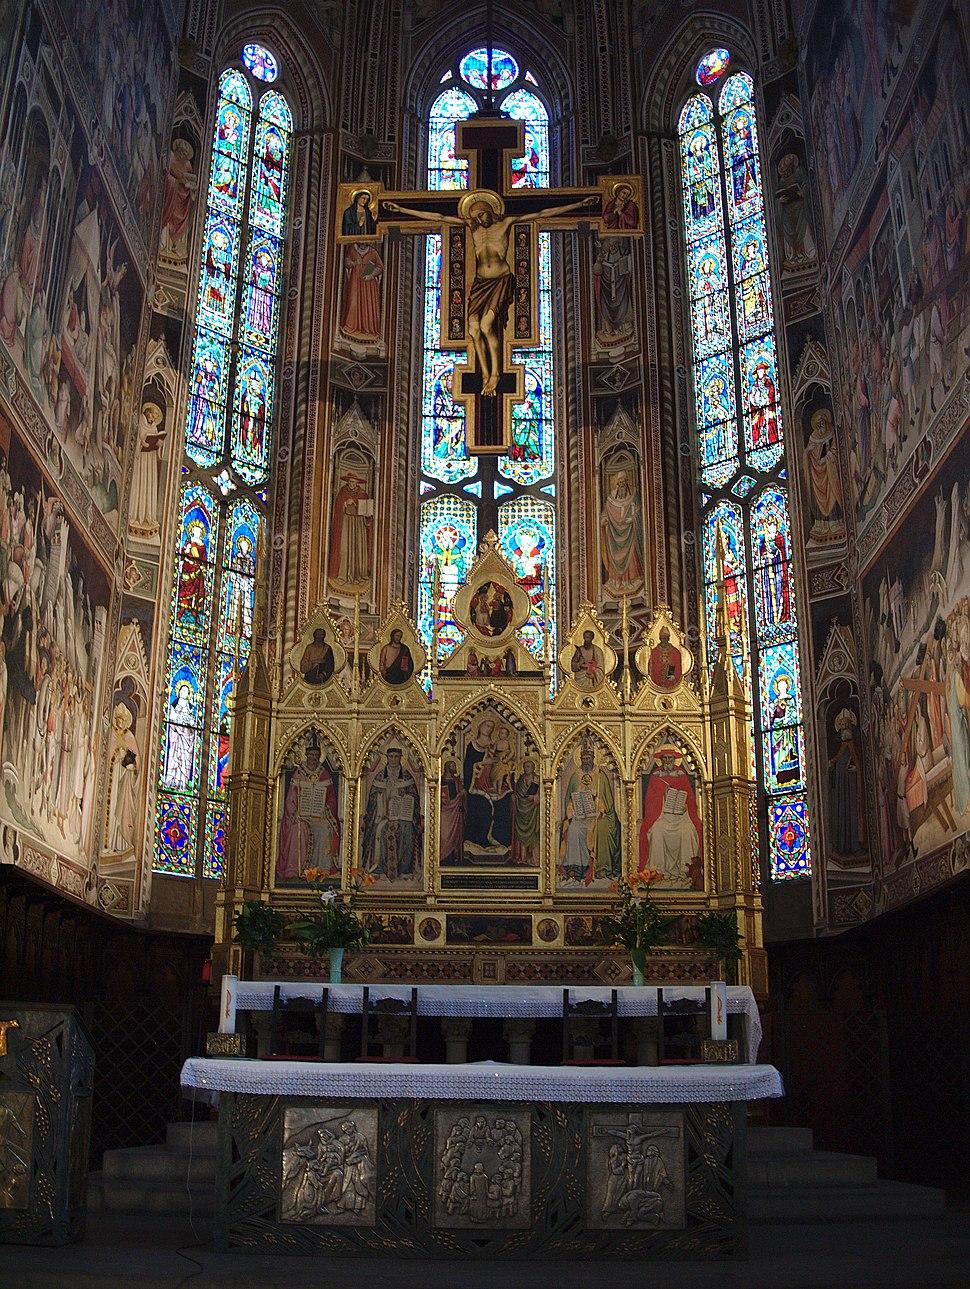 Basilica di Santa Croce altar and crucifix